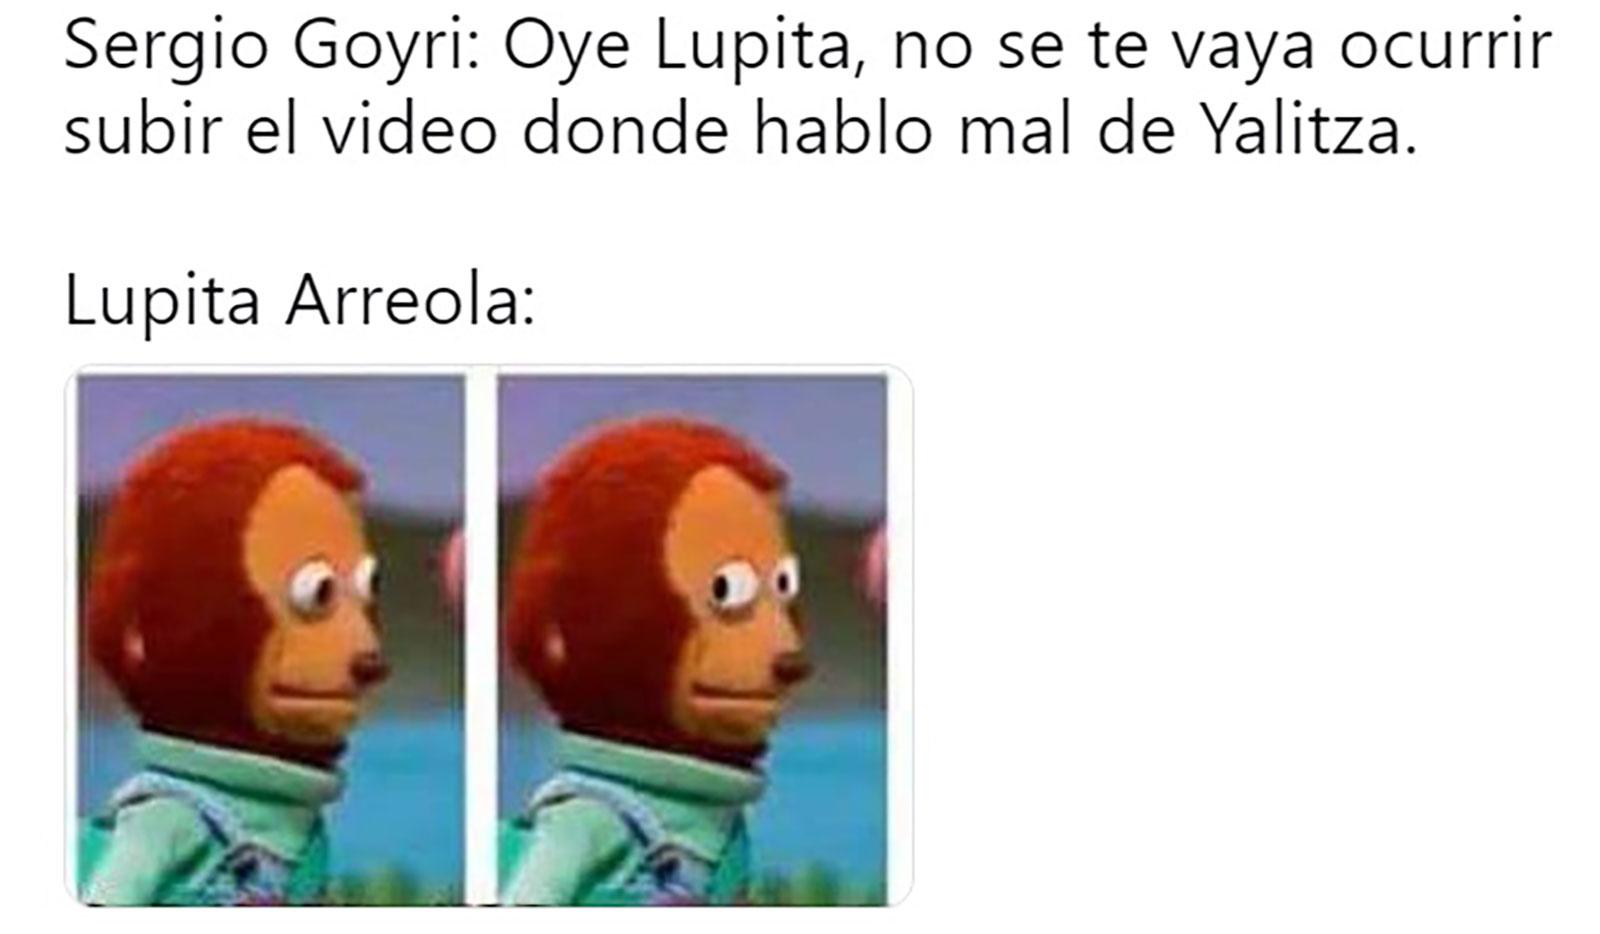 Sergio Goyri, Yalitza Aparicio